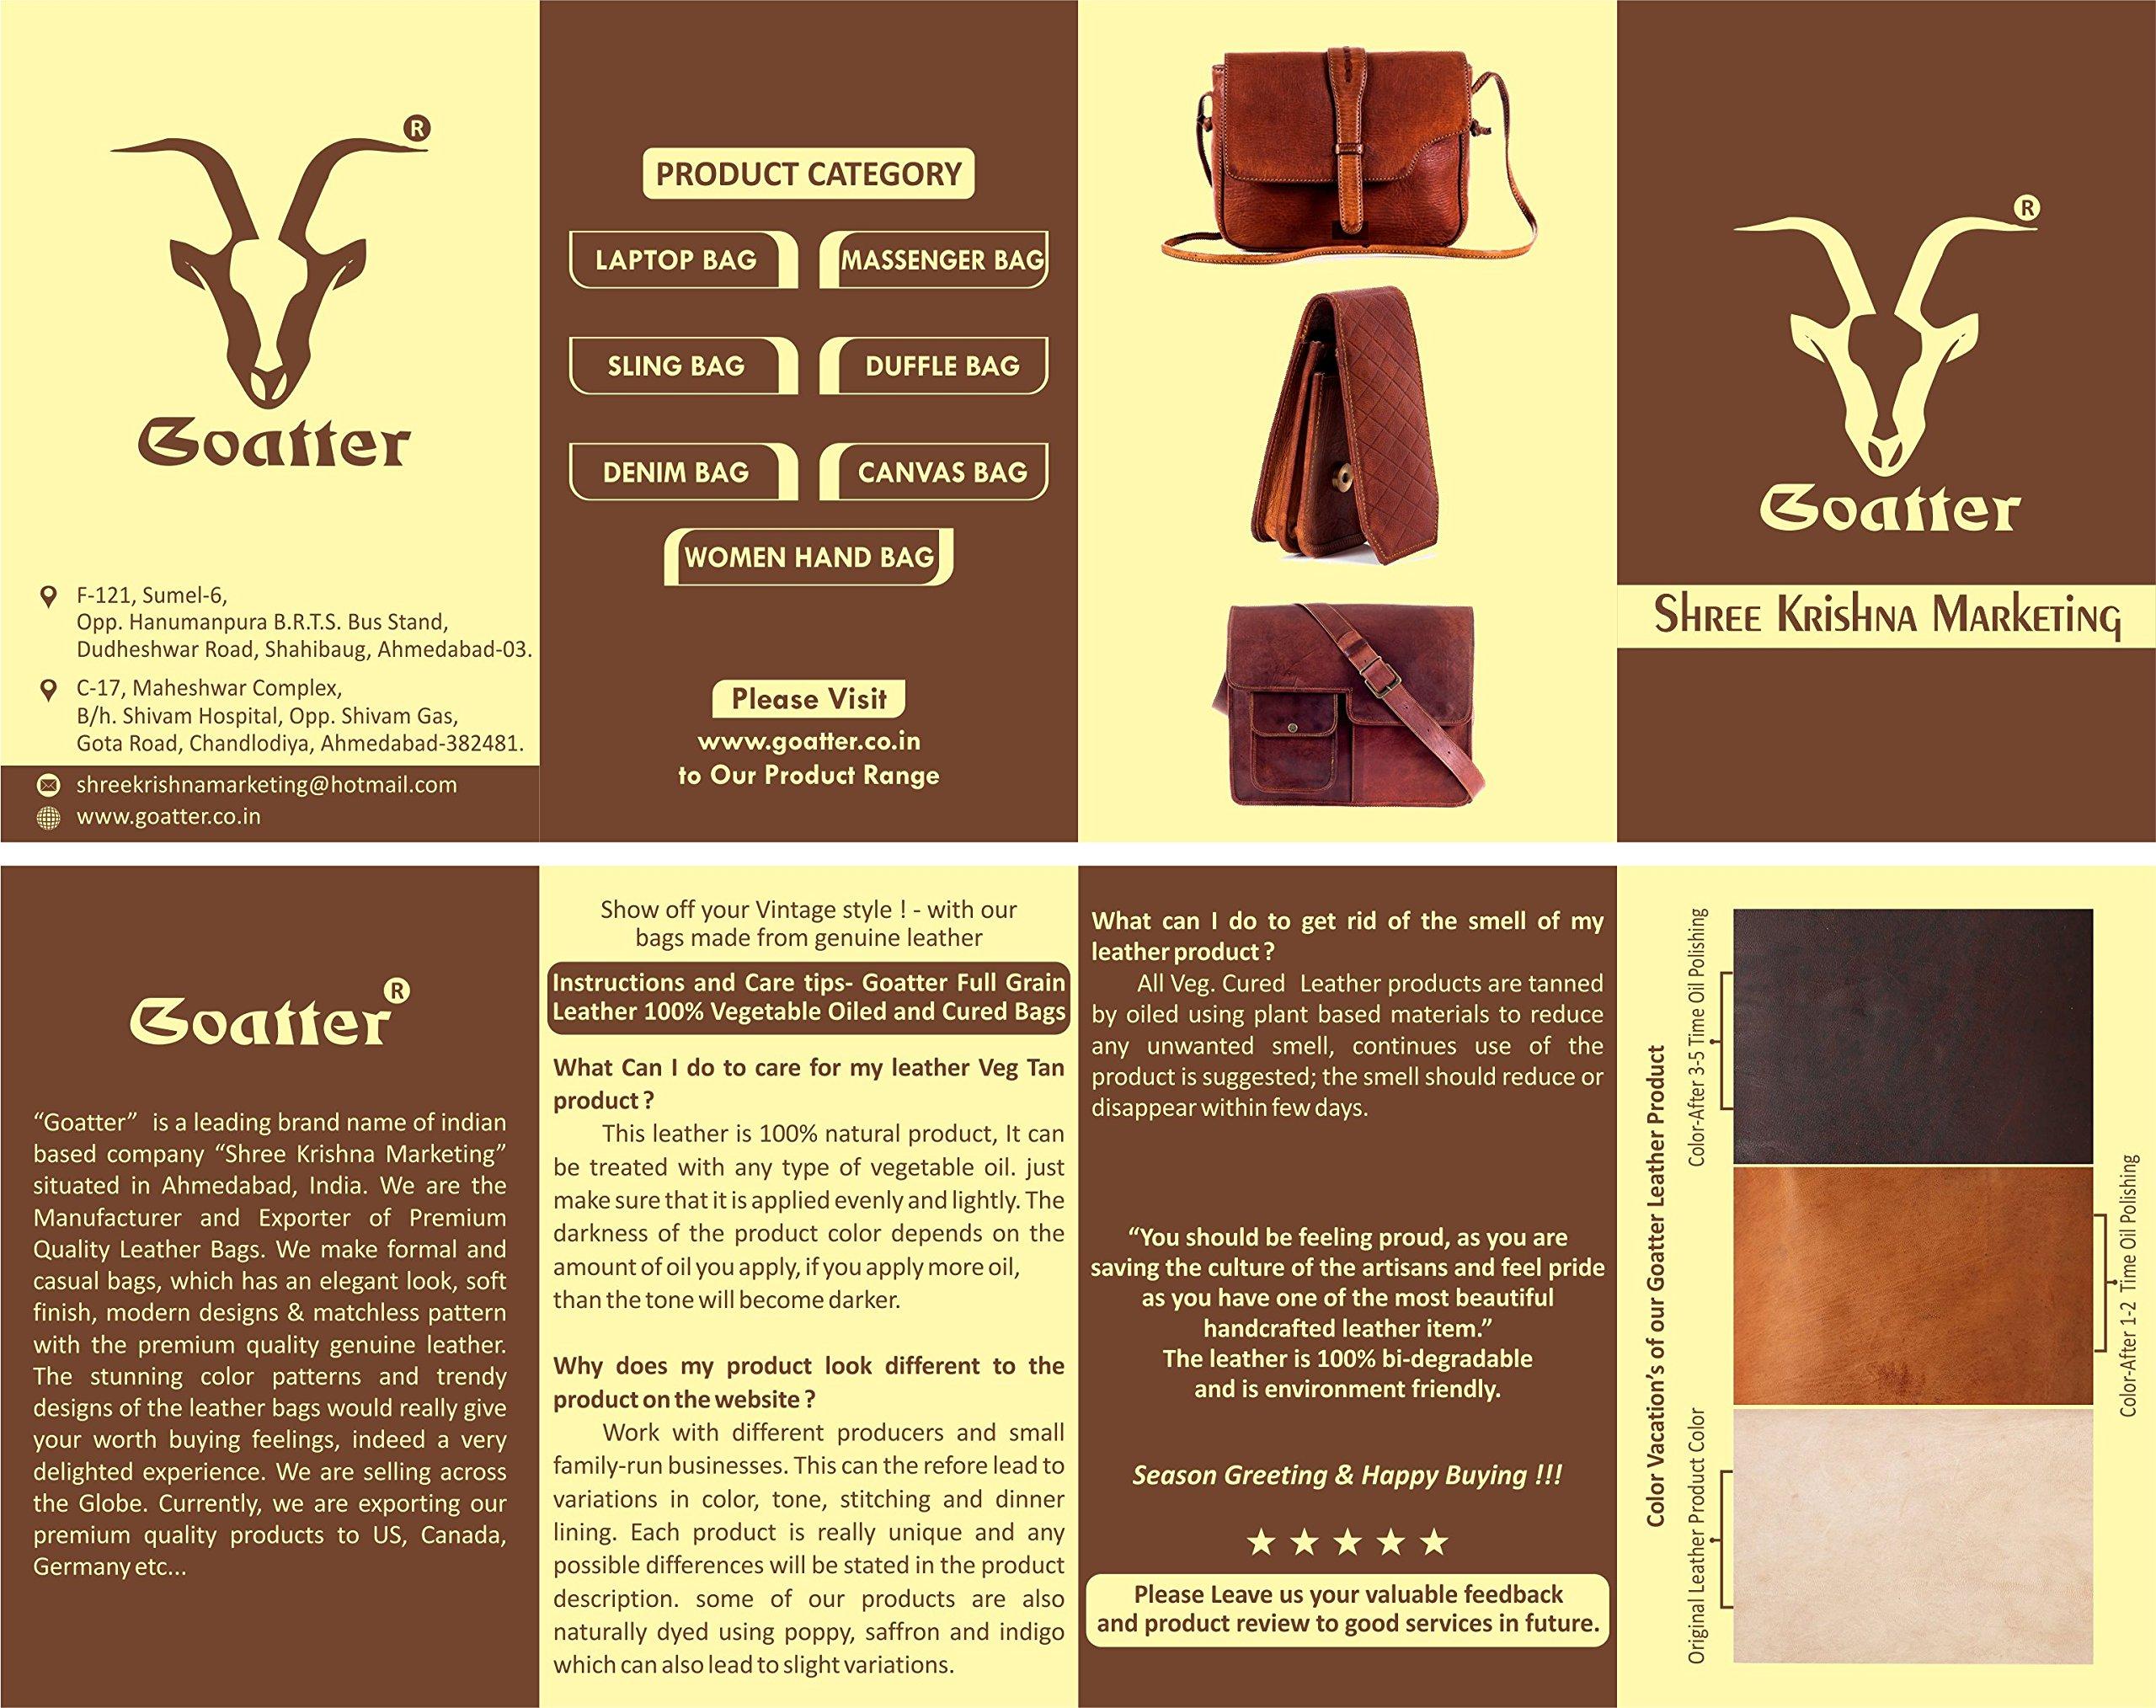 Original Brown Leather Laptop Unisex Messenger Bag By Goatter